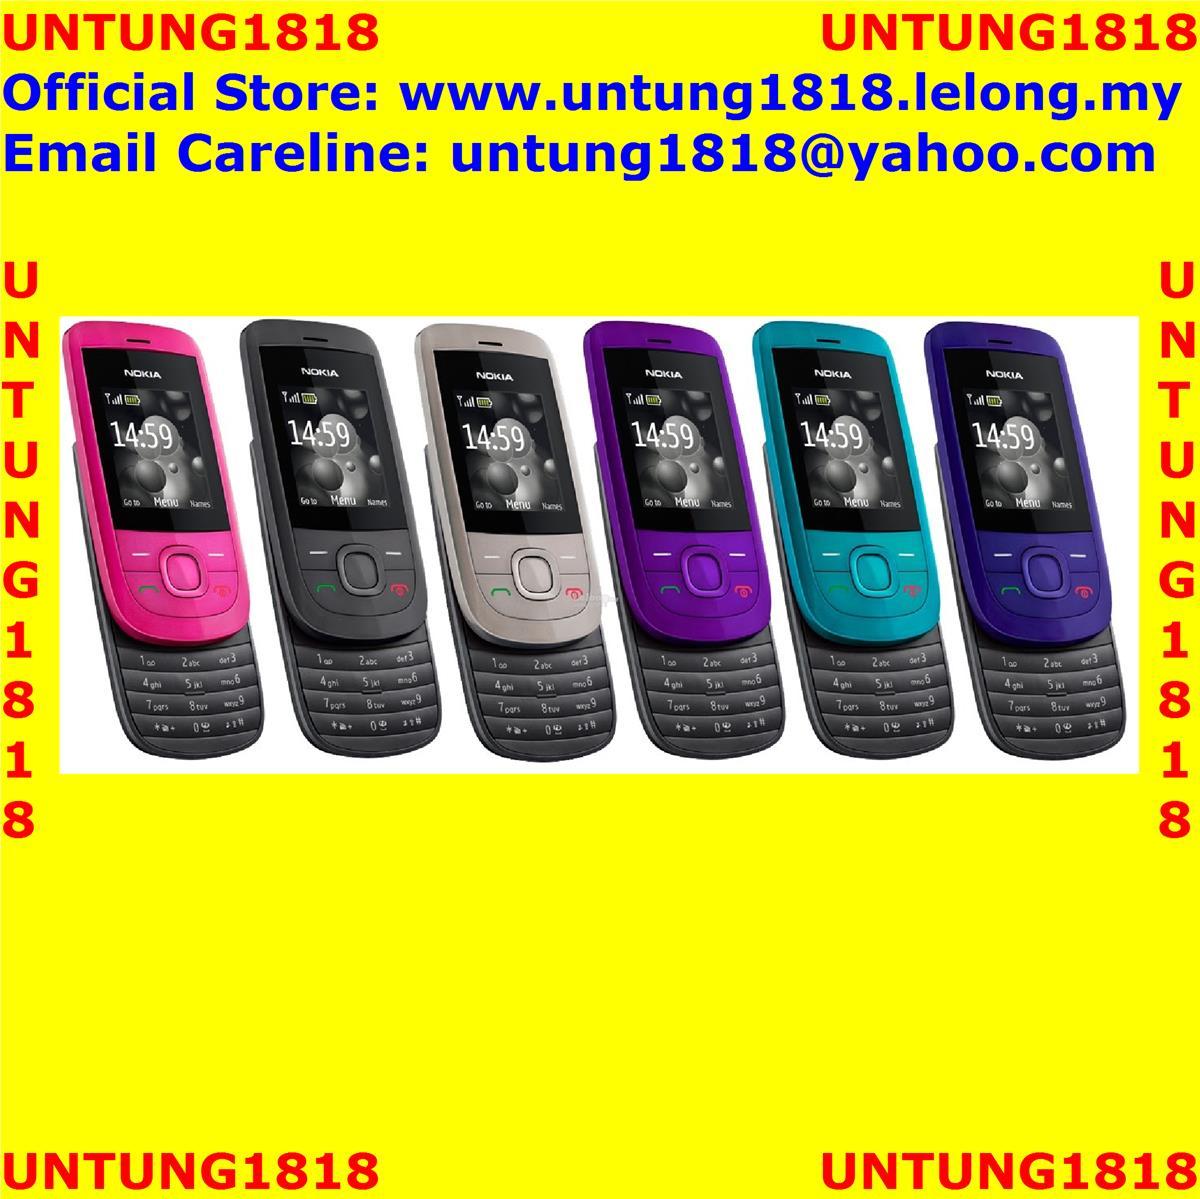 Nokia Imported Original Nokia 2220 Slide